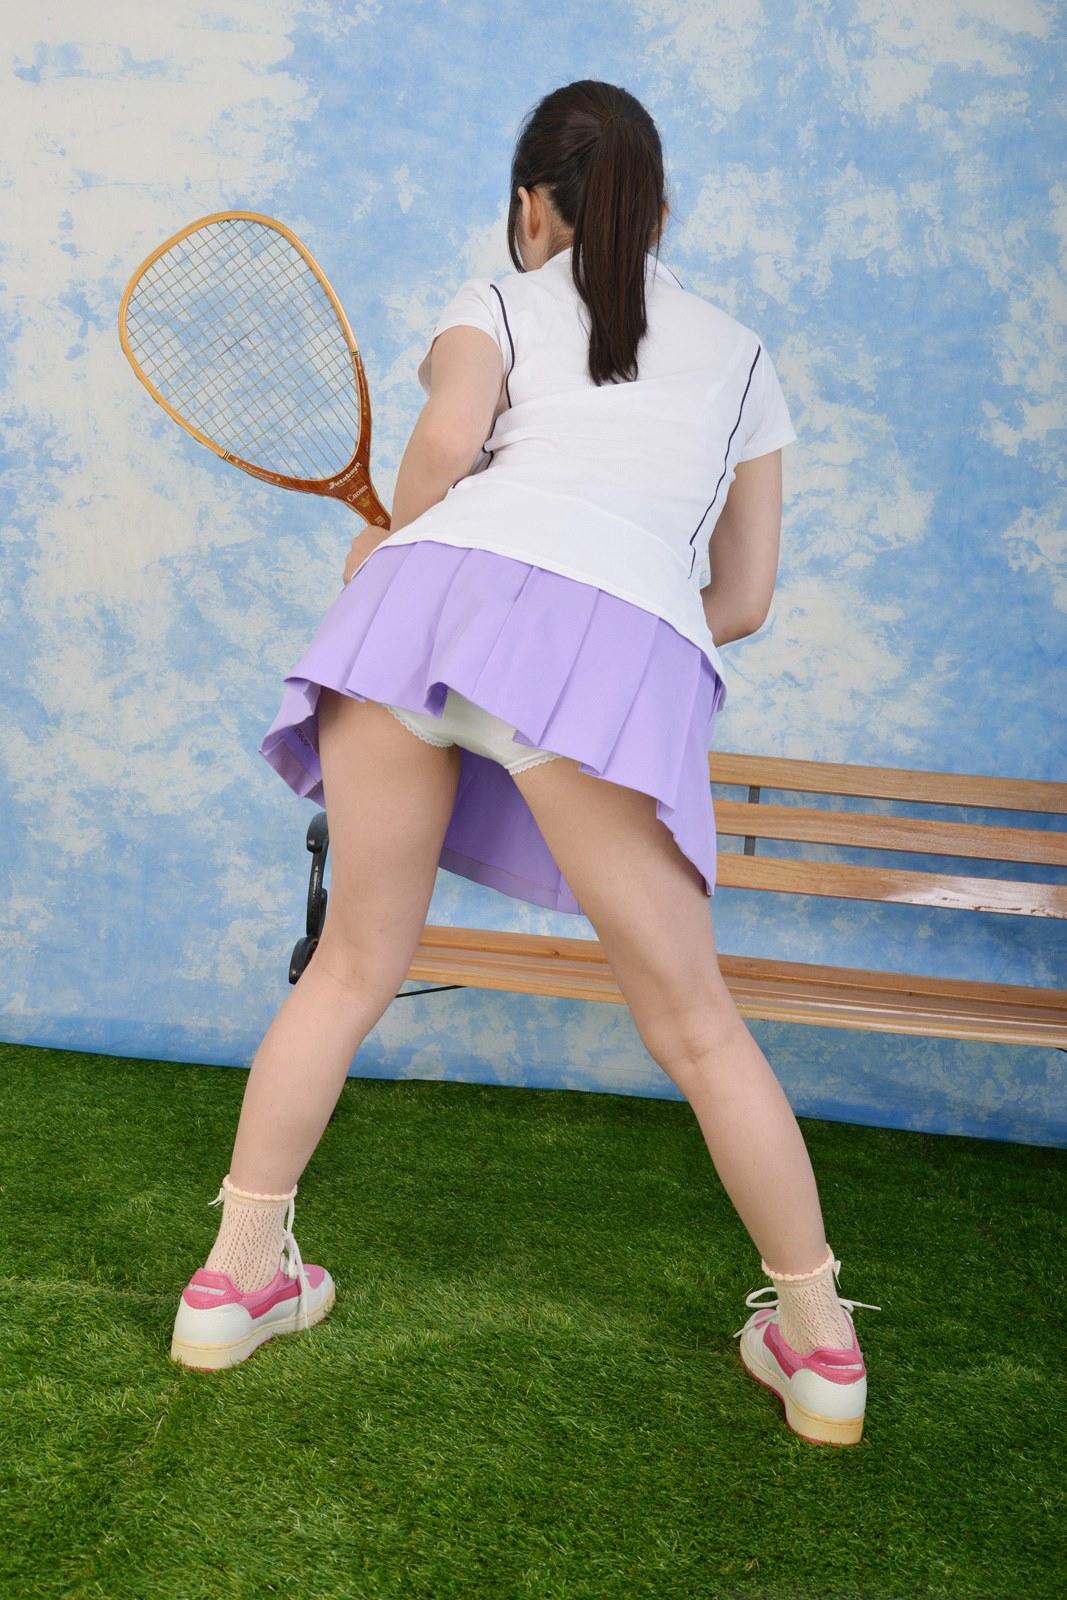 三次元 3次元 エロ画像 テニスウェア べっぴん娘通信 03